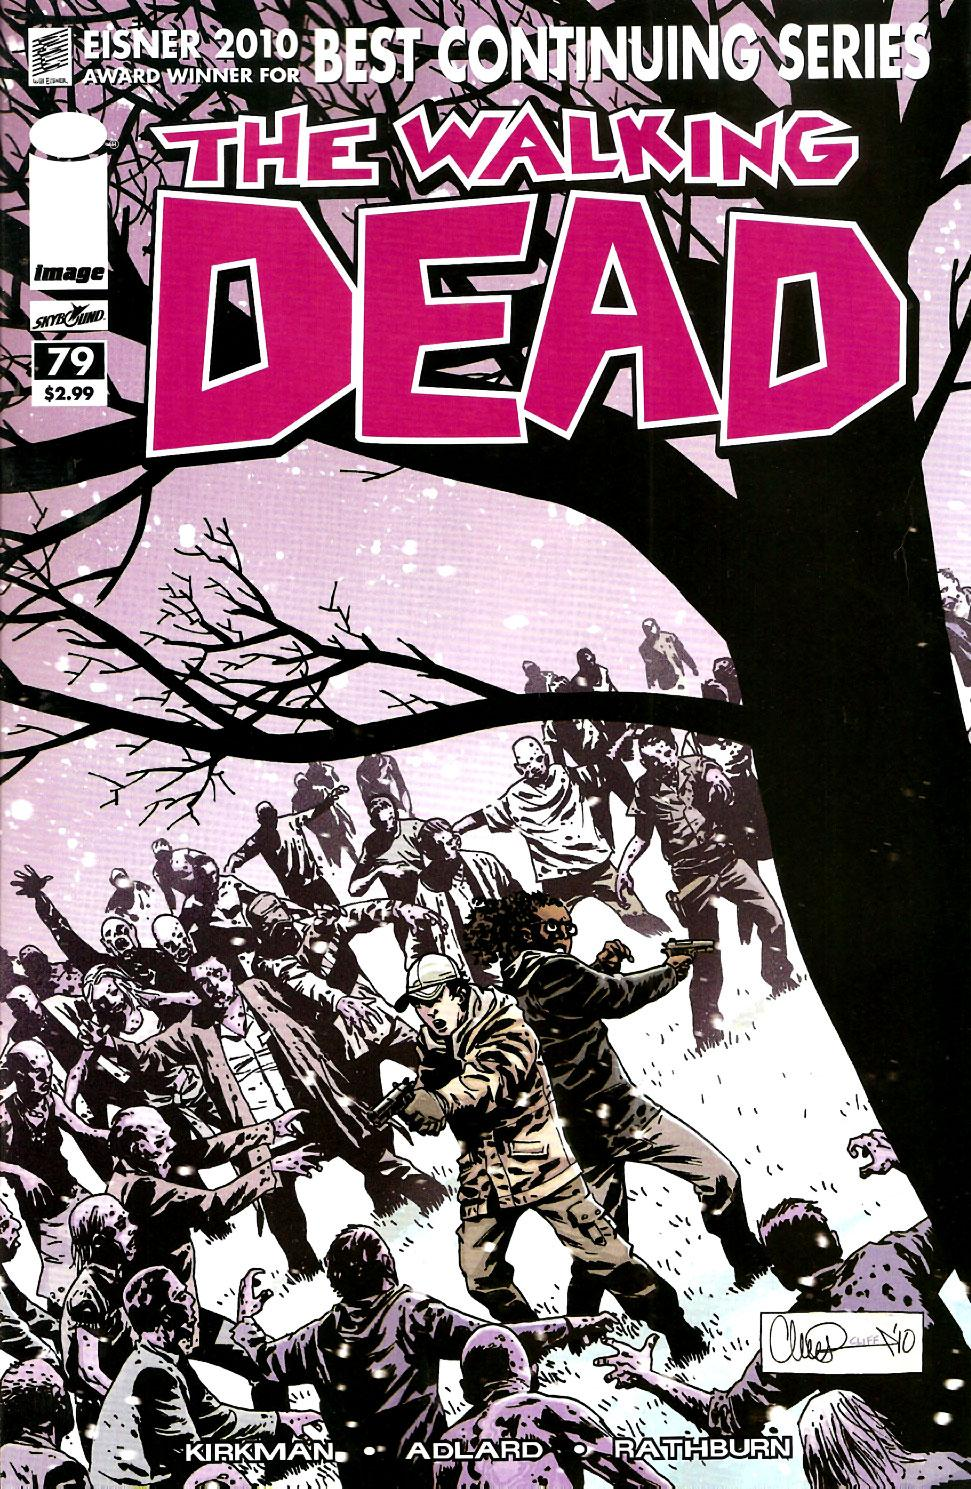 Walking dead wiki graphic novel